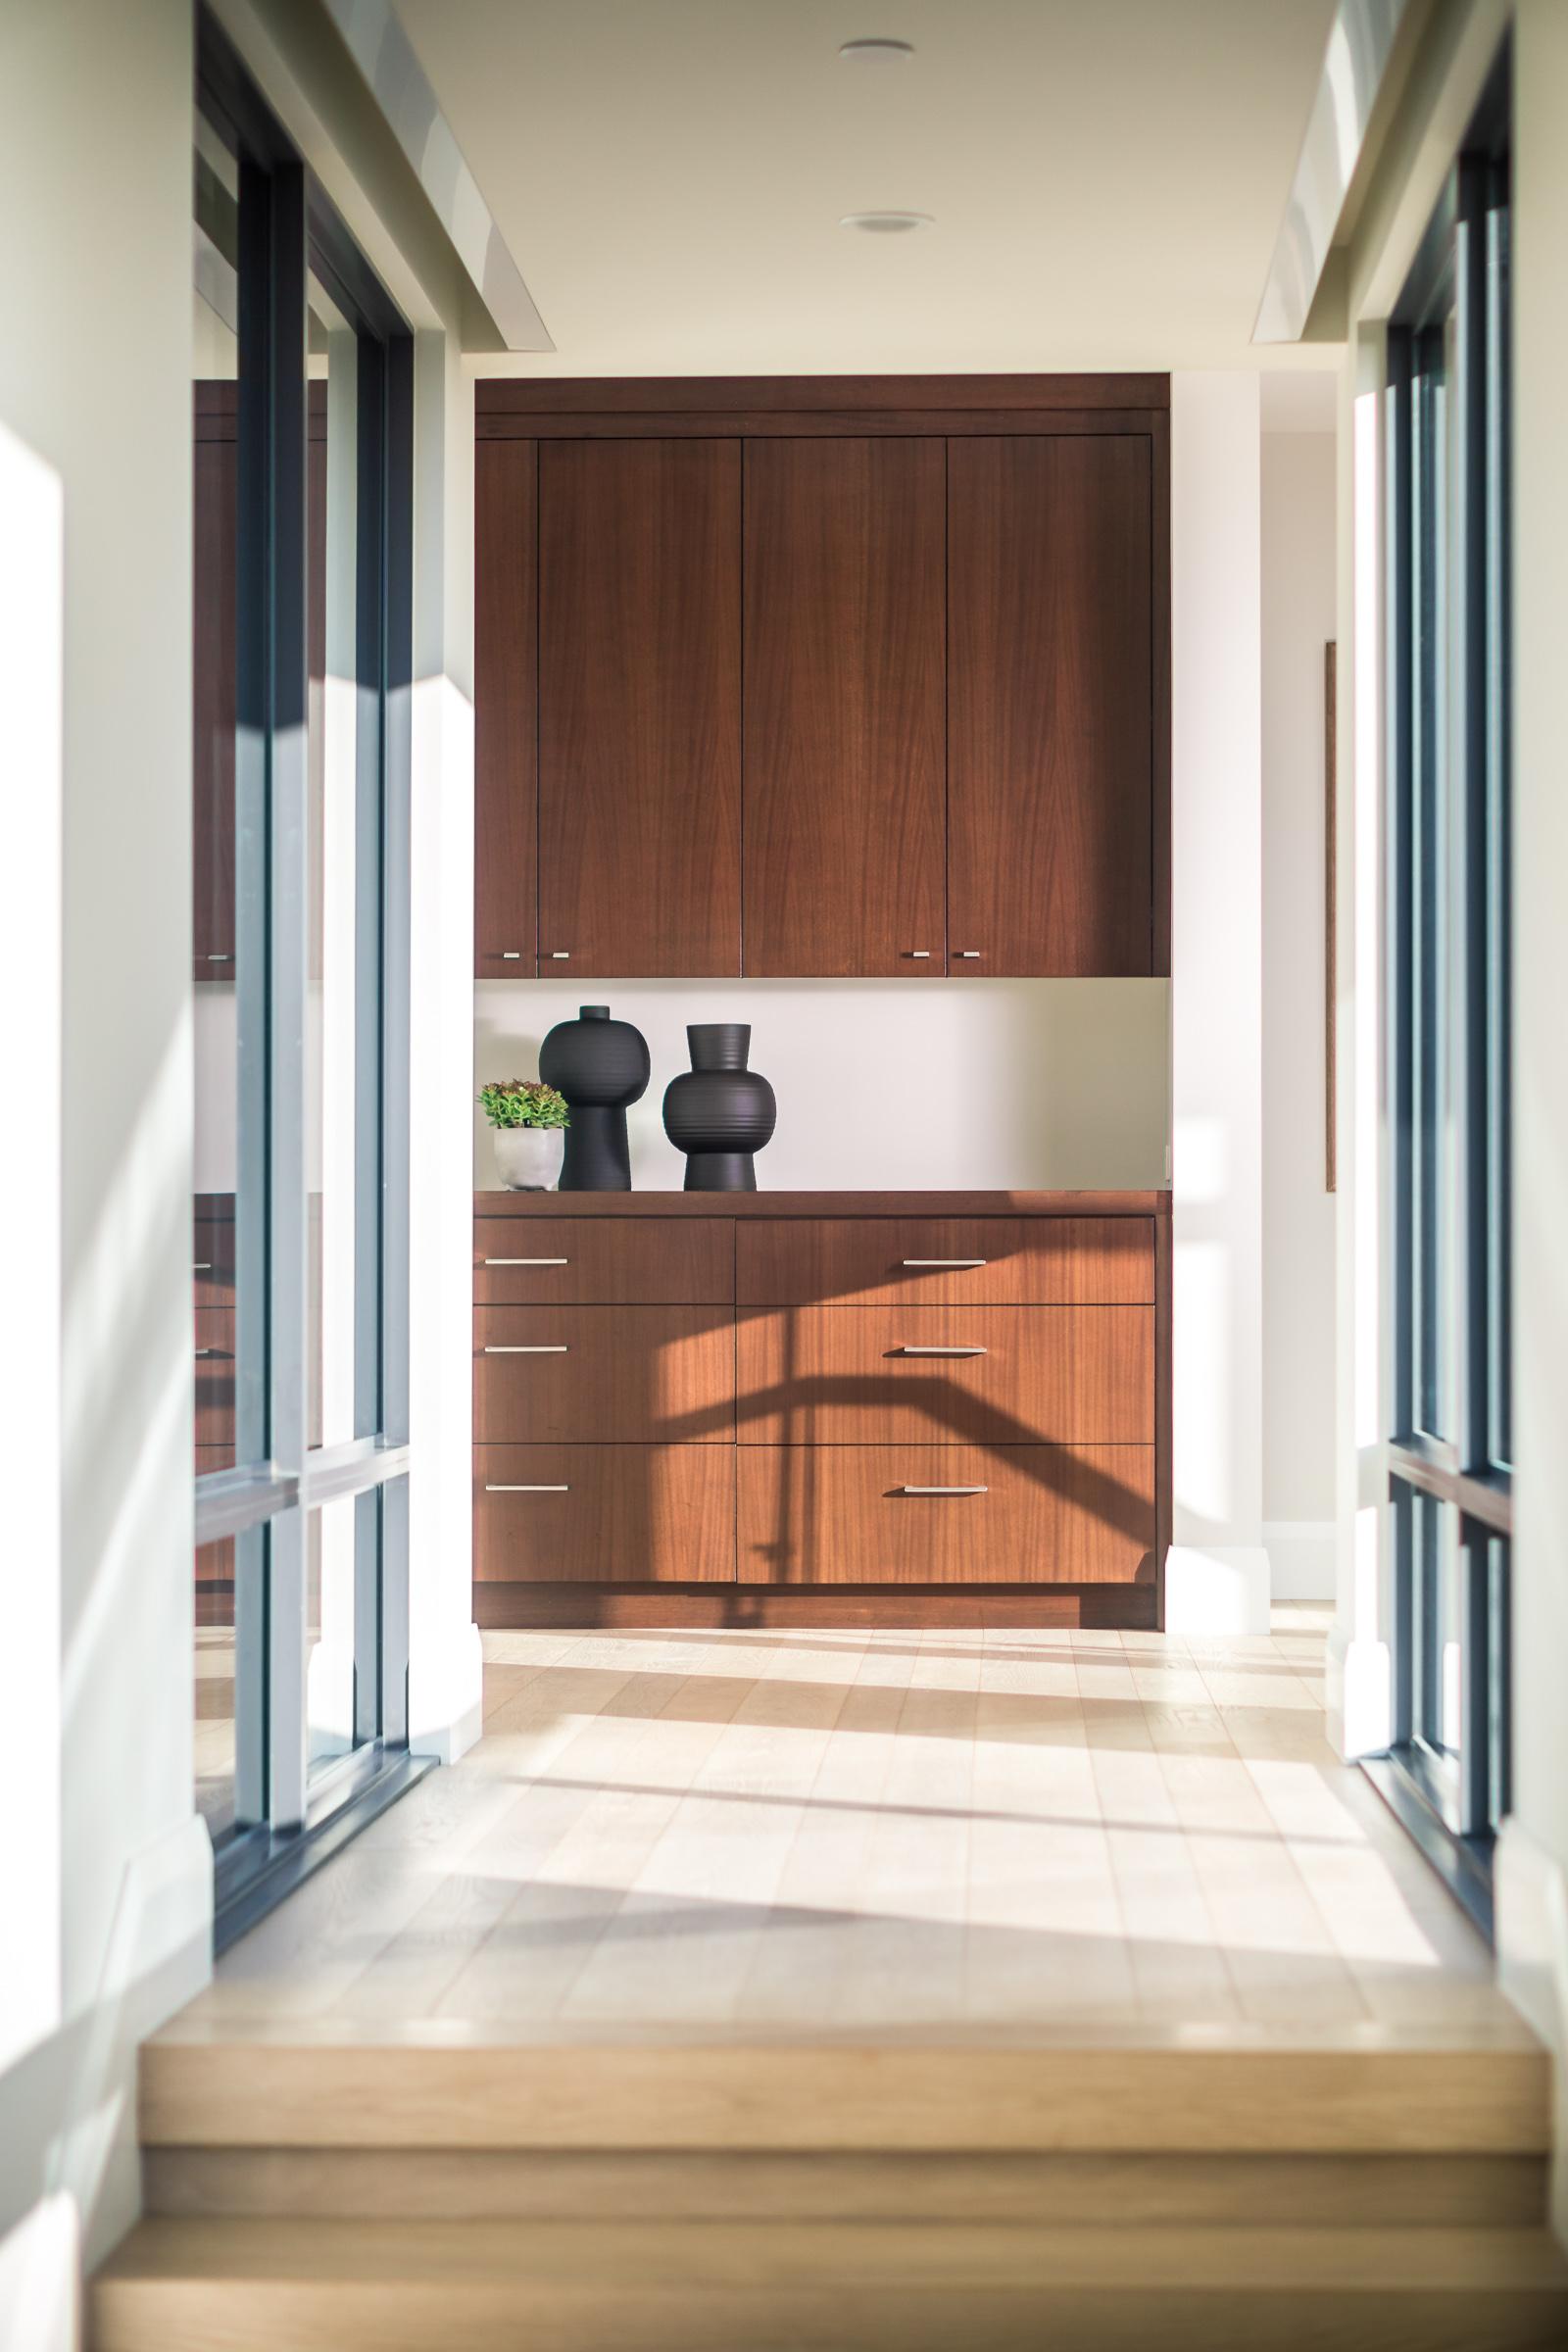 120_Corona-Del-Mar-home_Design-a-Details-Firm_Joseph-Barber-Studios03329.jpg